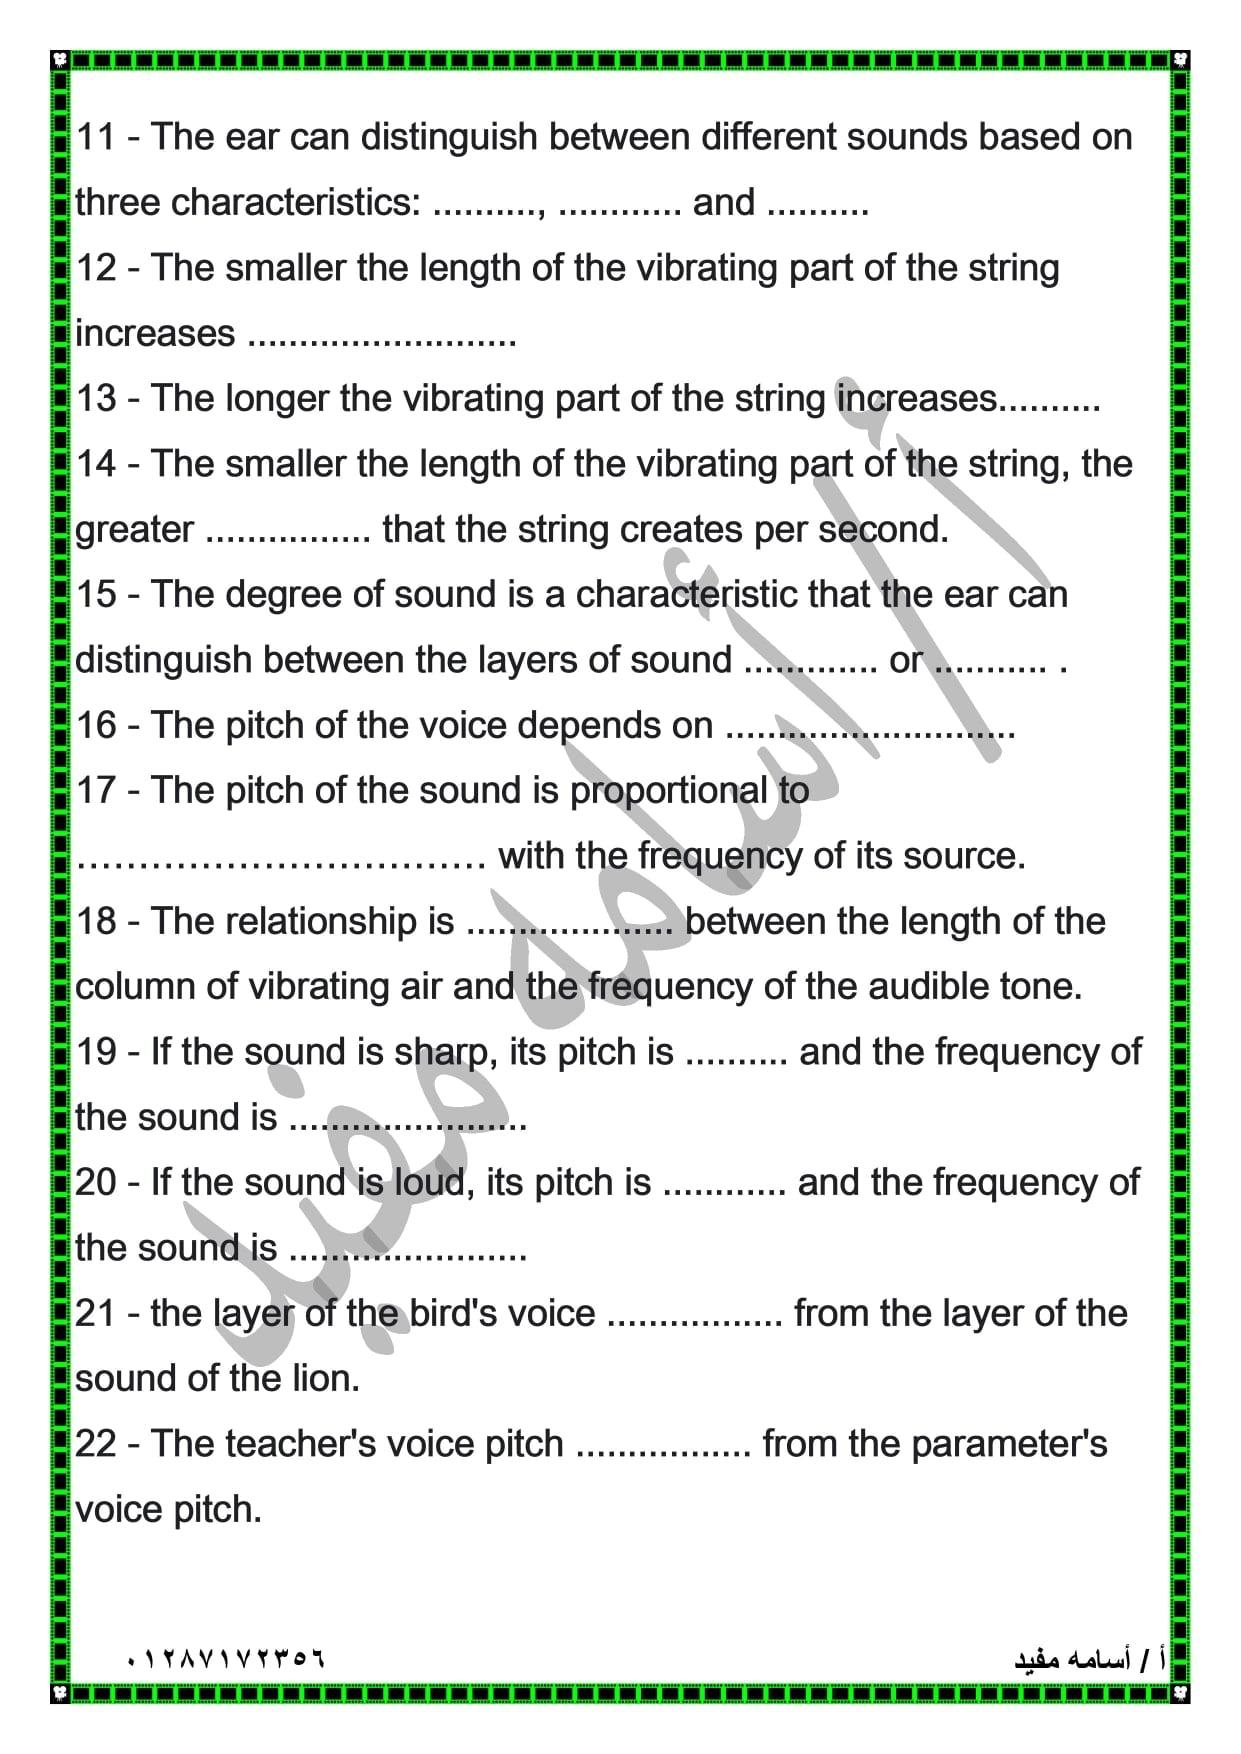 مراجعة علوم باللغة الانجليزية للصف الثاني الاعدادي لغات ترم ثاني بالاجابات 3